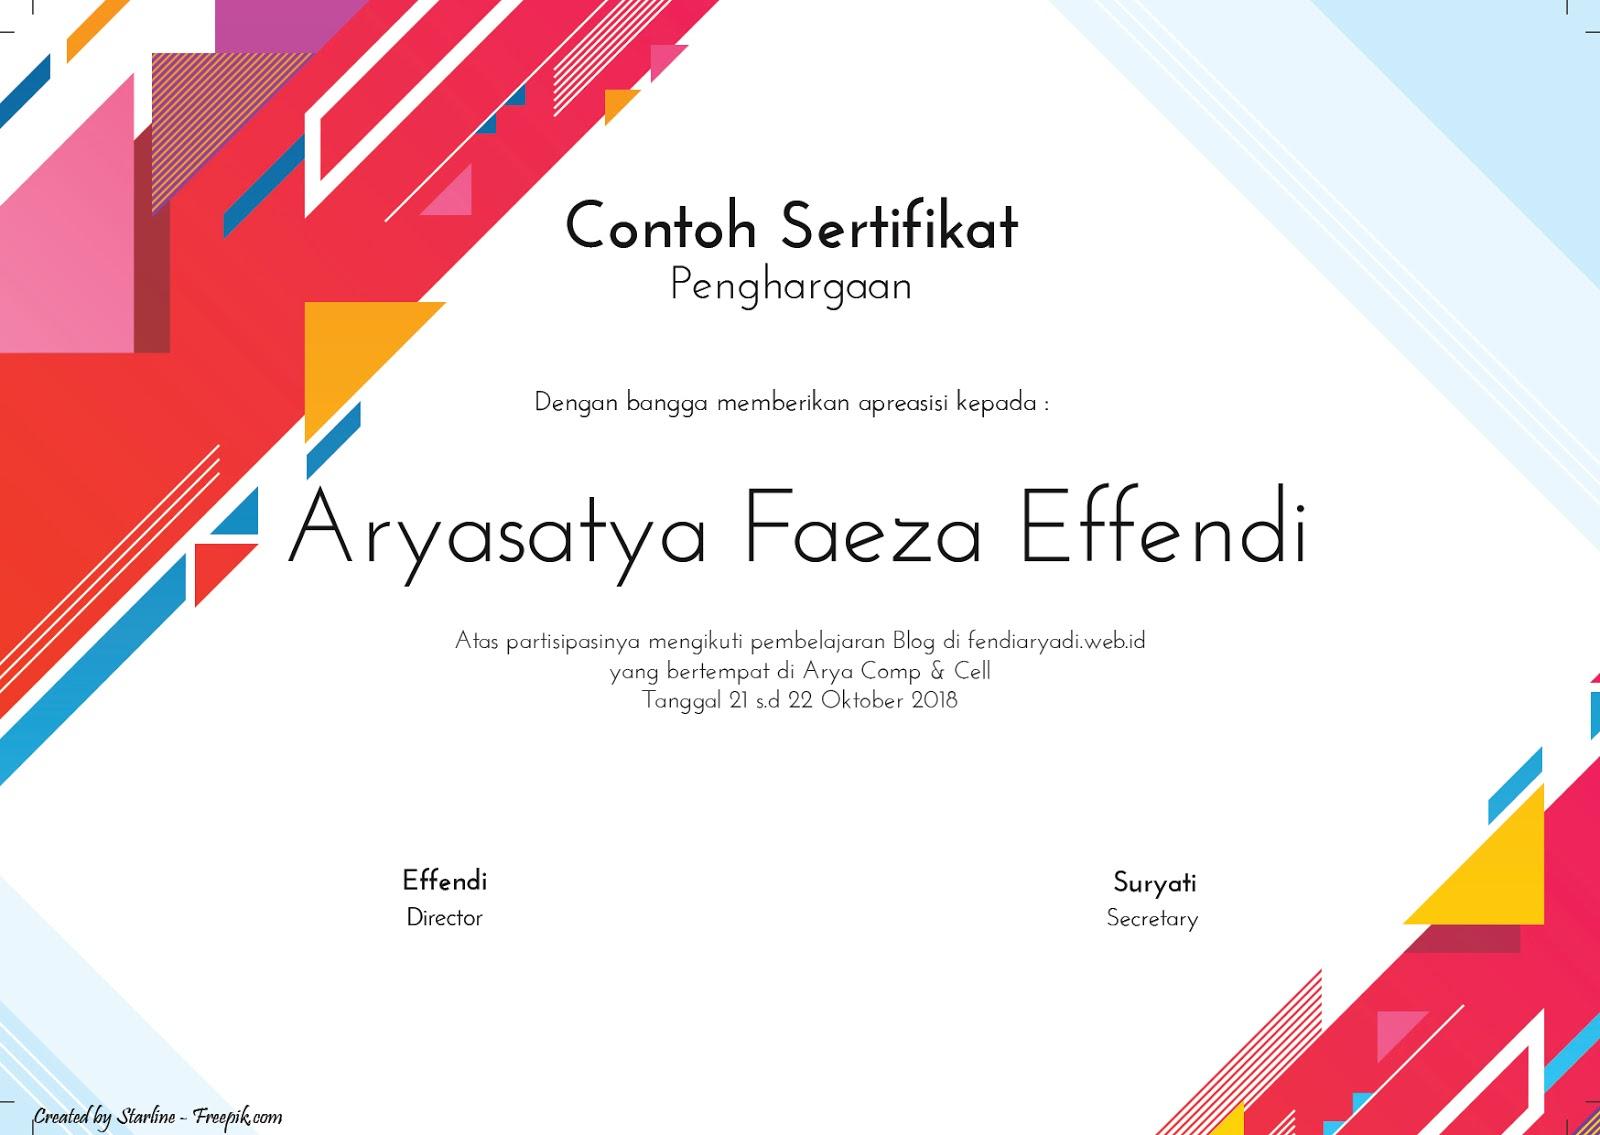 Langkah Mudah Membuat Piagam Sertifkat Keren Serba Serbi Kehidupan